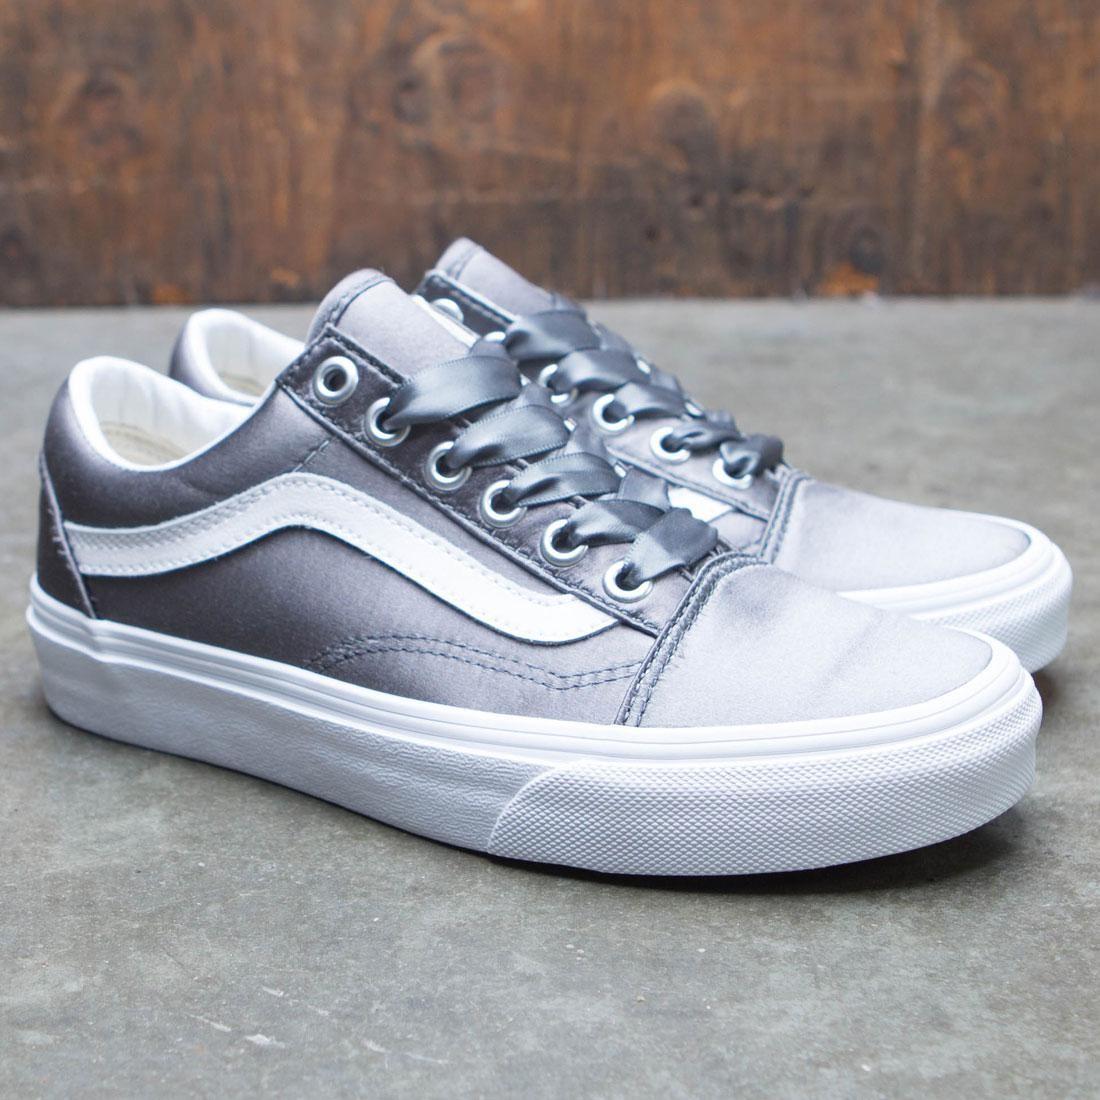 Vans Women Old Skool Satin Lux gray